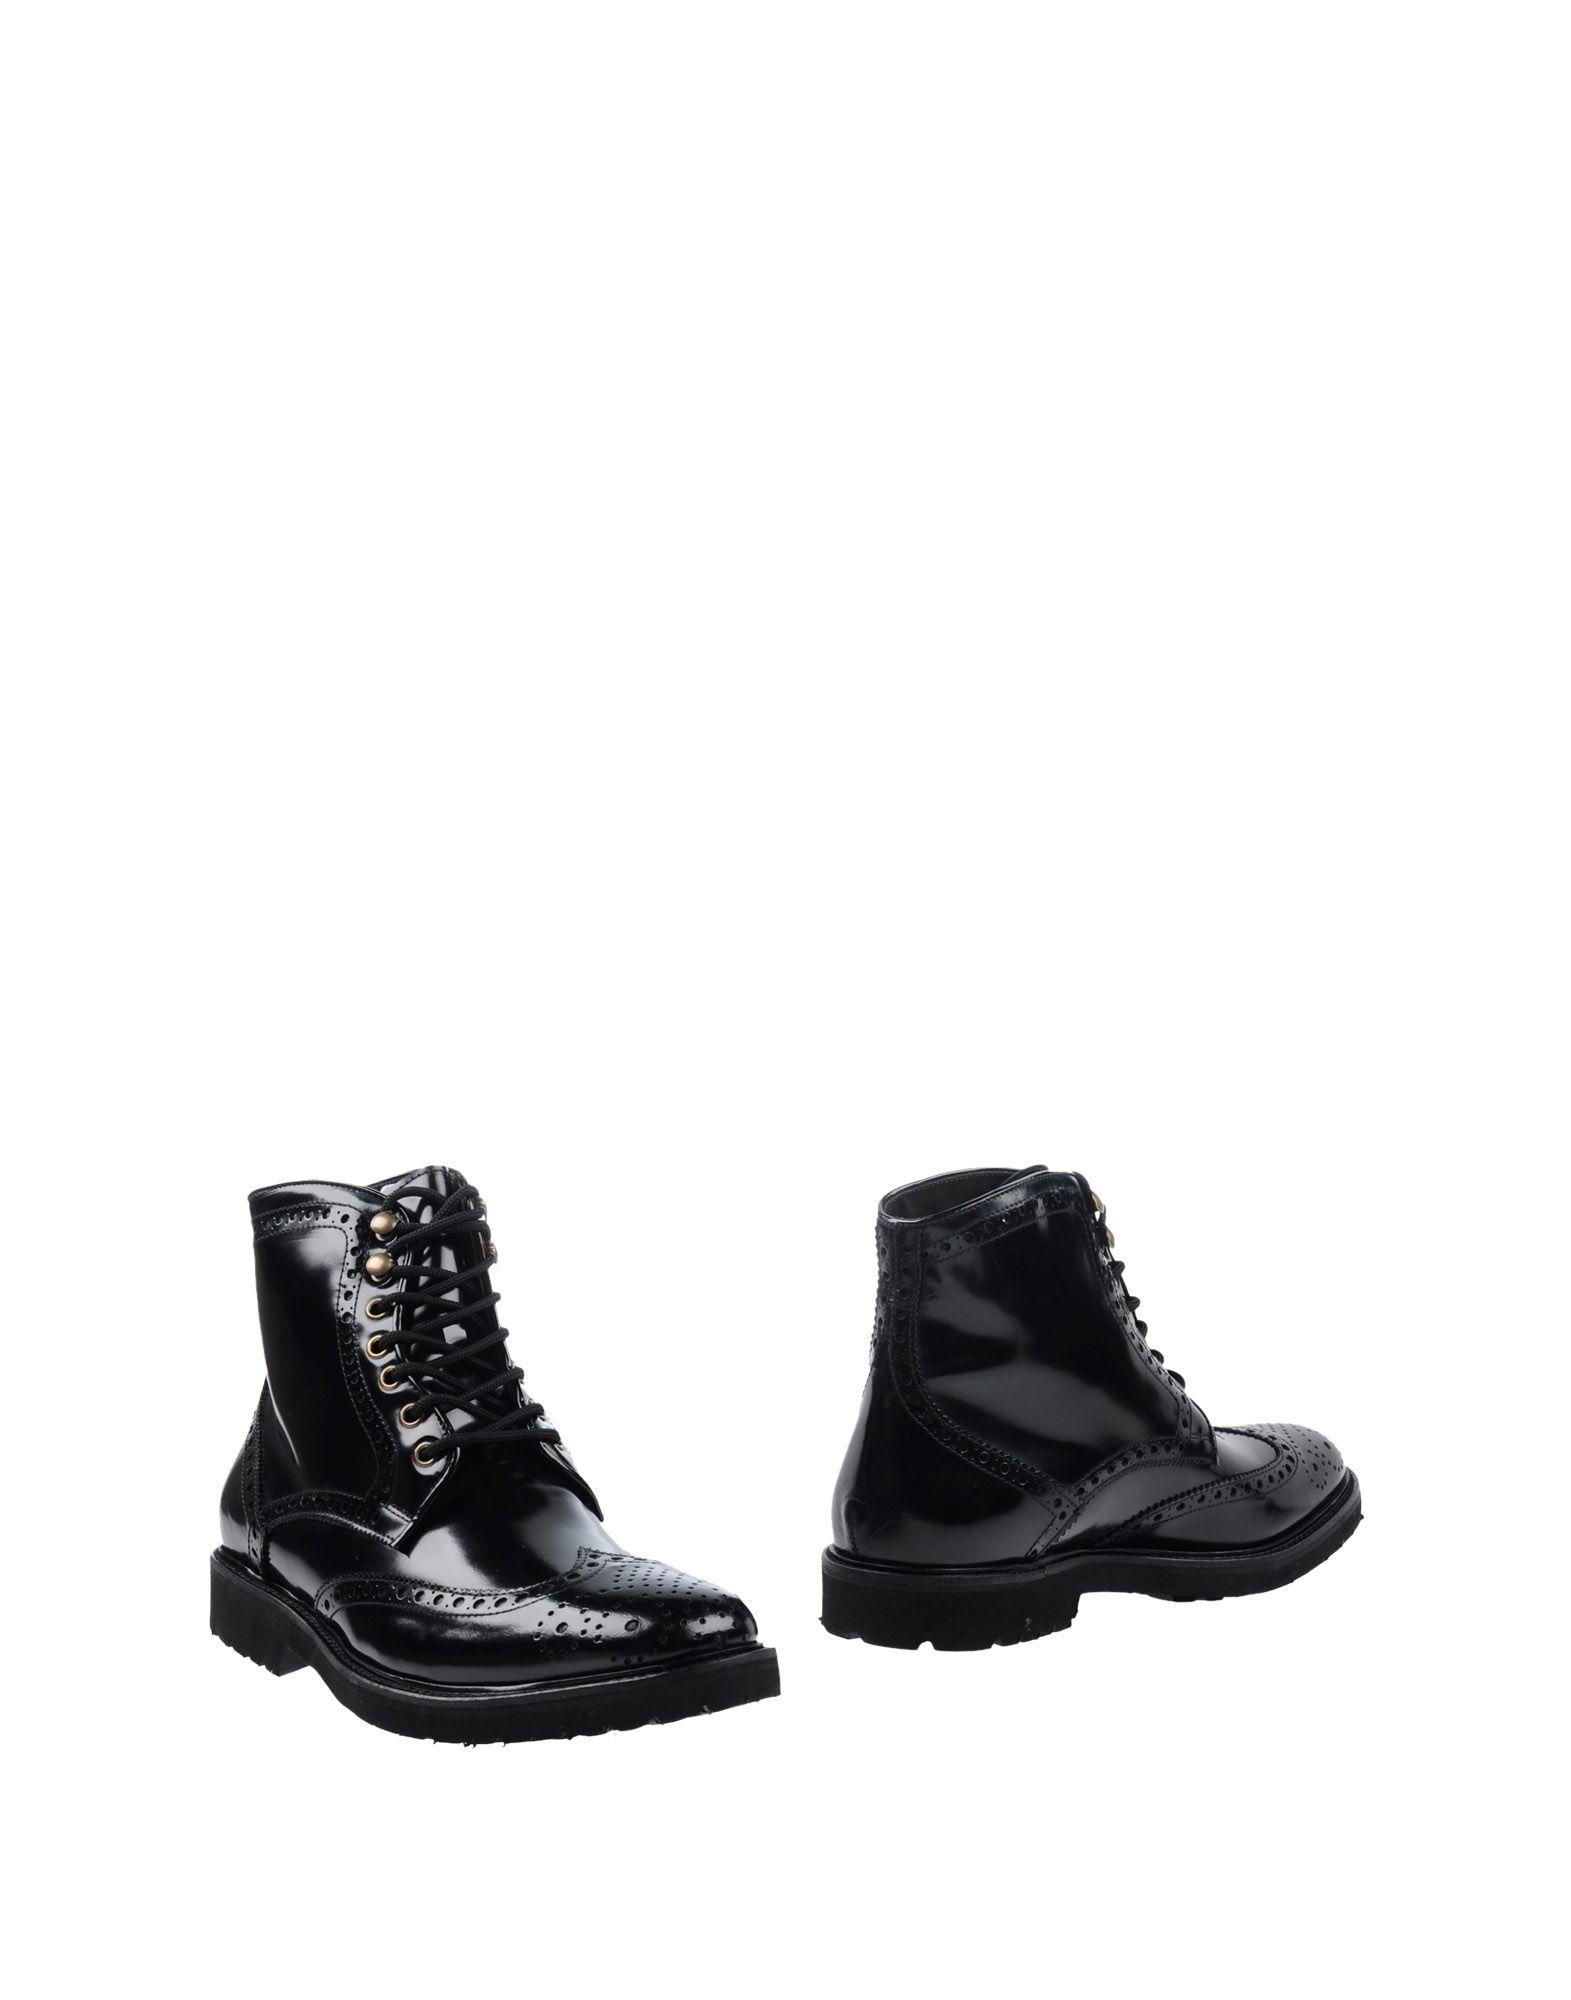 Brian Dales Stiefelette Herren beliebte  11271254CL Gute Qualität beliebte Herren Schuhe e5648e